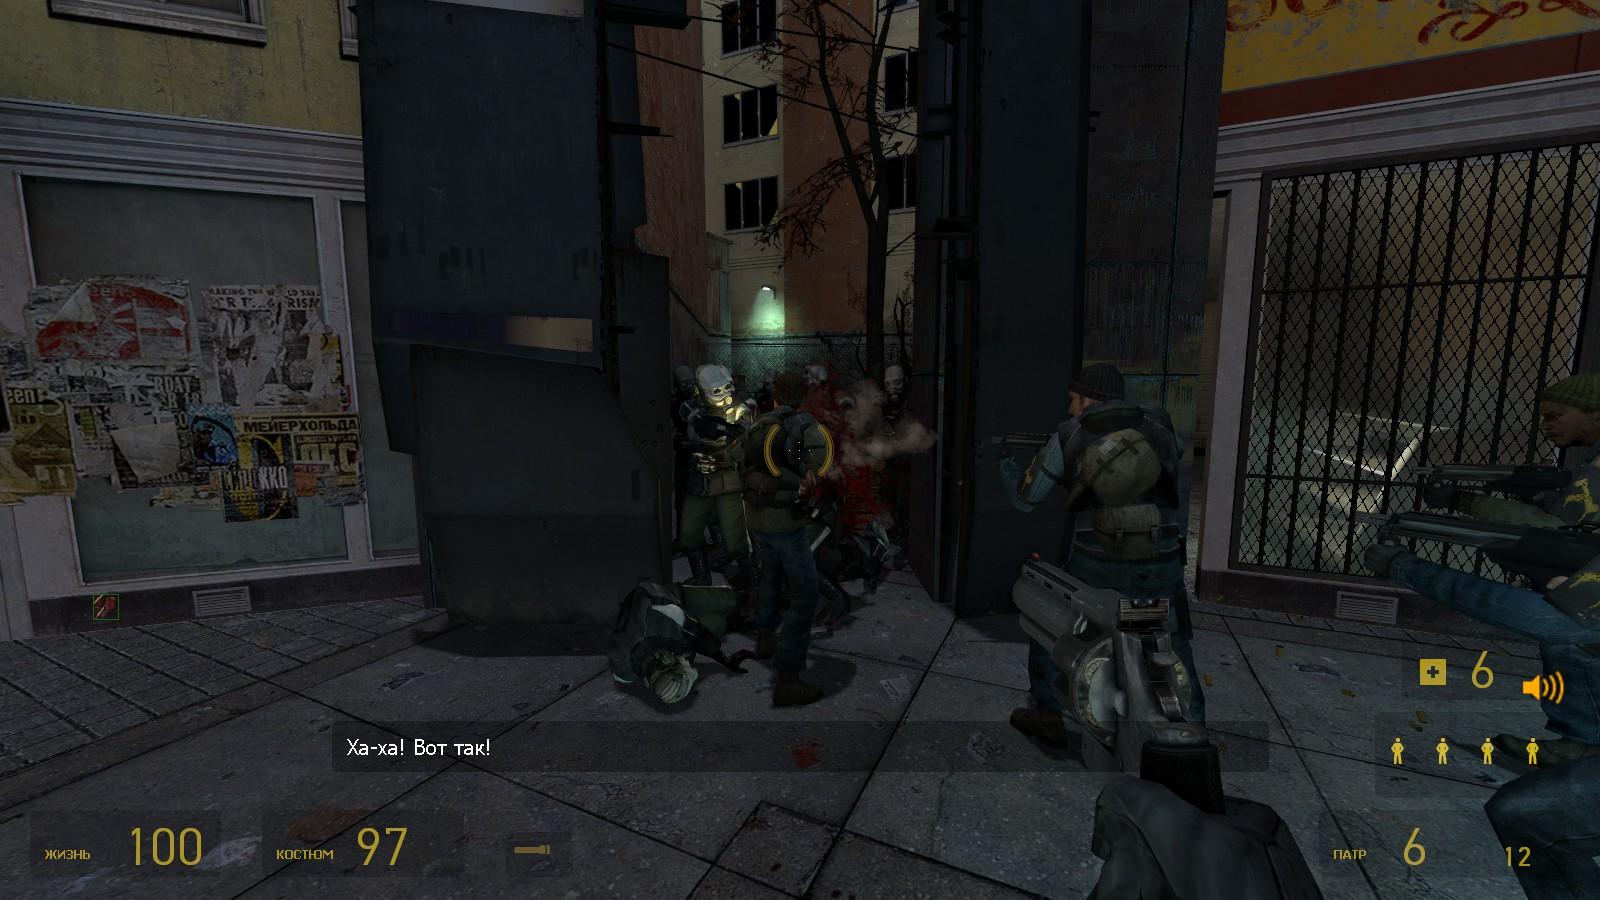 Новый супербаланс включает утроение вражеских сил - Half-Life 2 super balance, Synergy